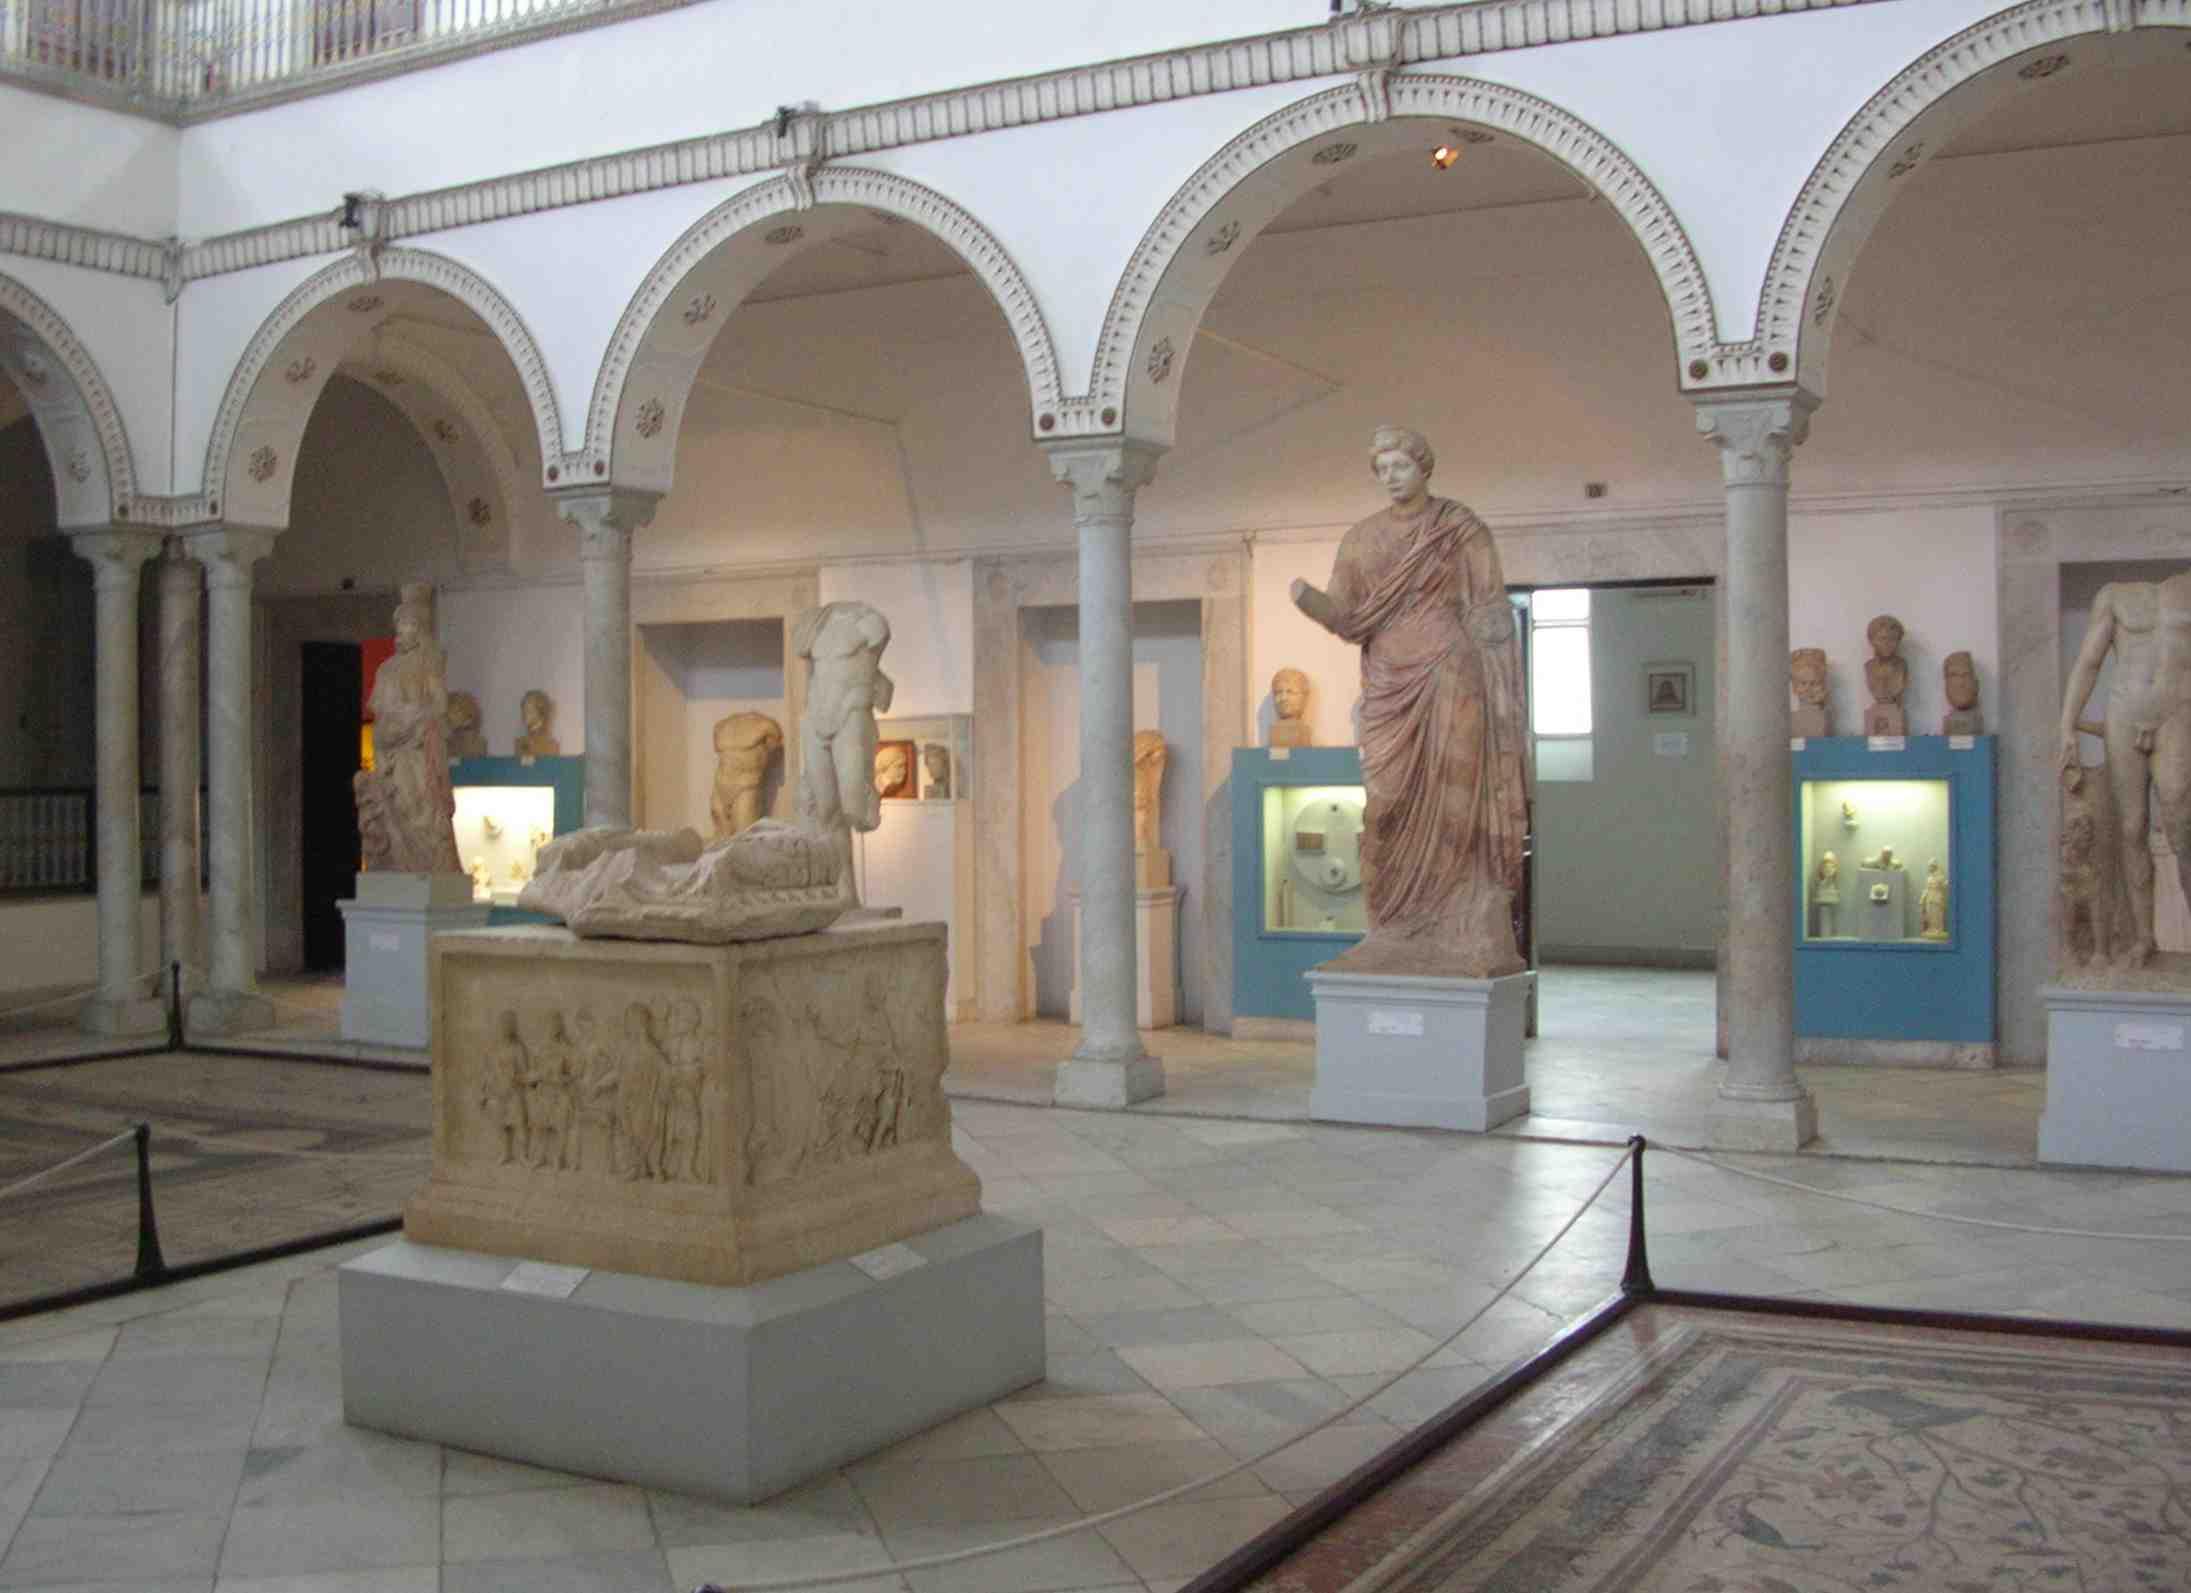 Le musée Bardo de tunis regroupe une impressionnante collection de mosaïques orientalistes. Il est visité par des centaines de touristes chaque jour.